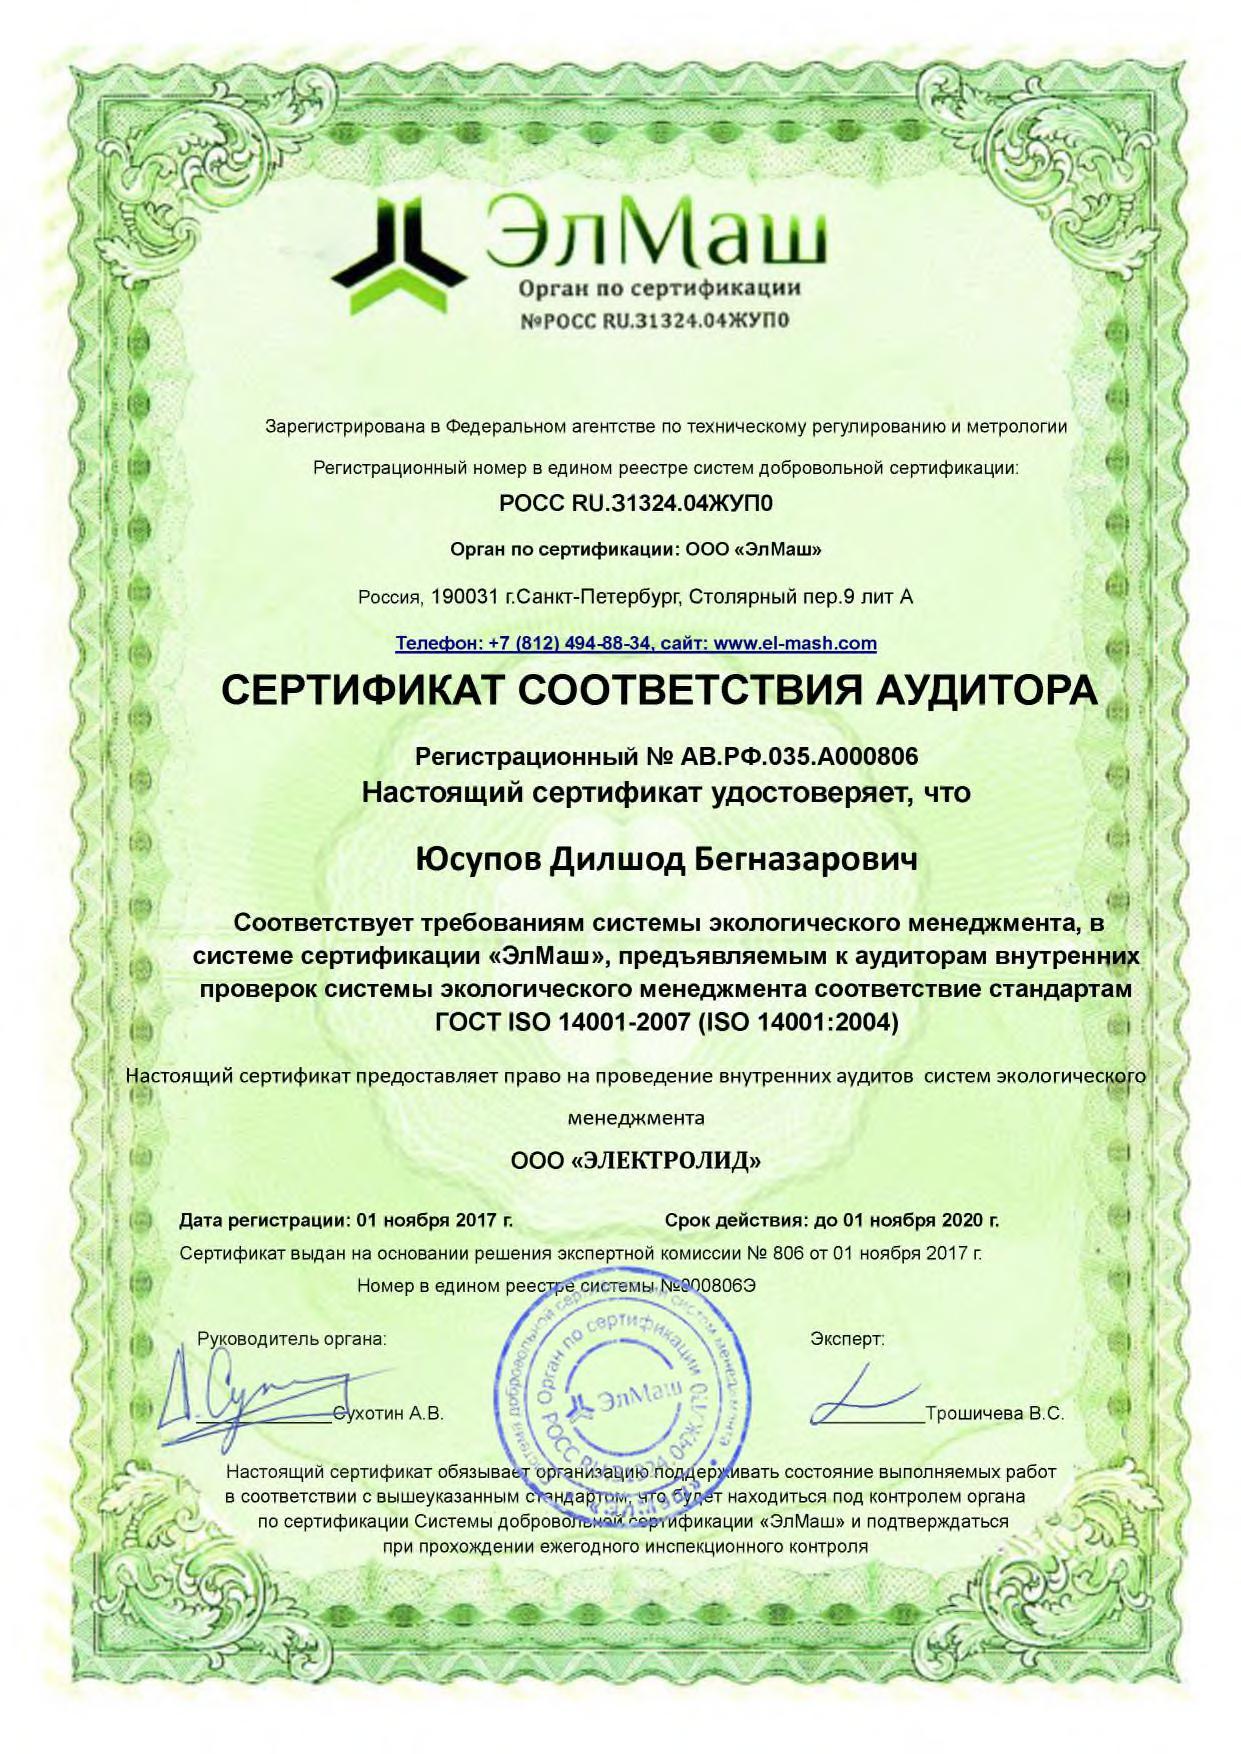 Сертификат соответствия аудитора Юсупов Д_Б